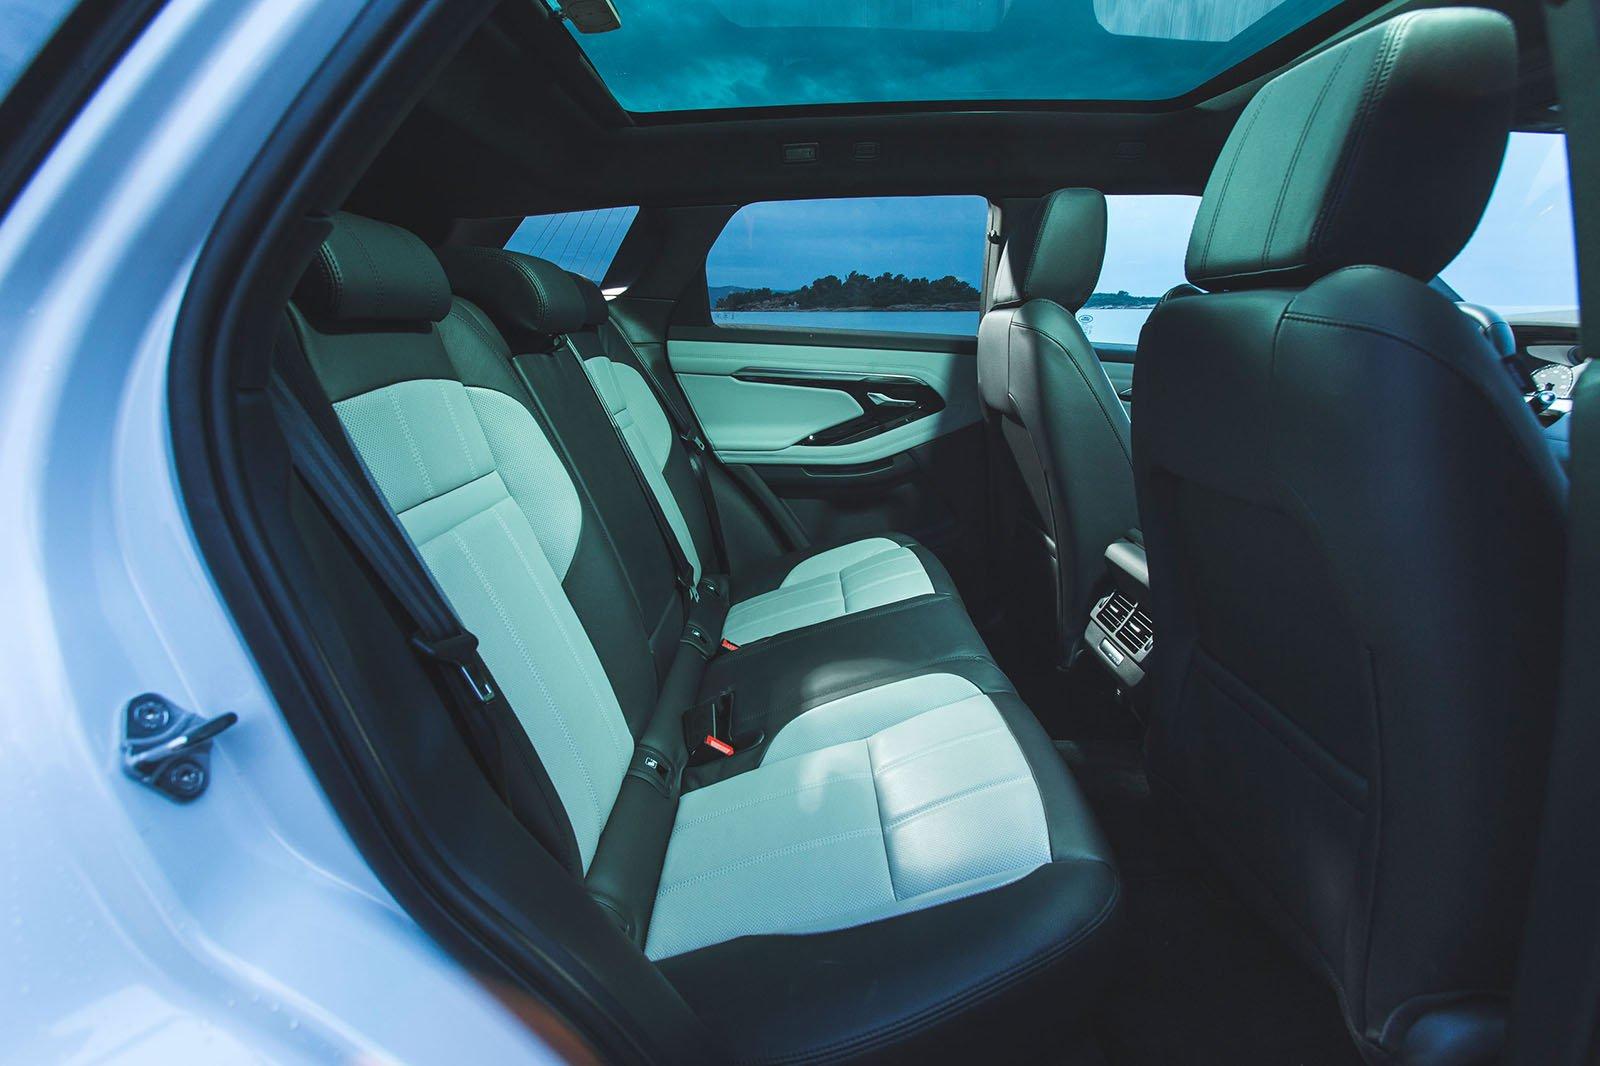 Range Rover Evoque 2019 rear space